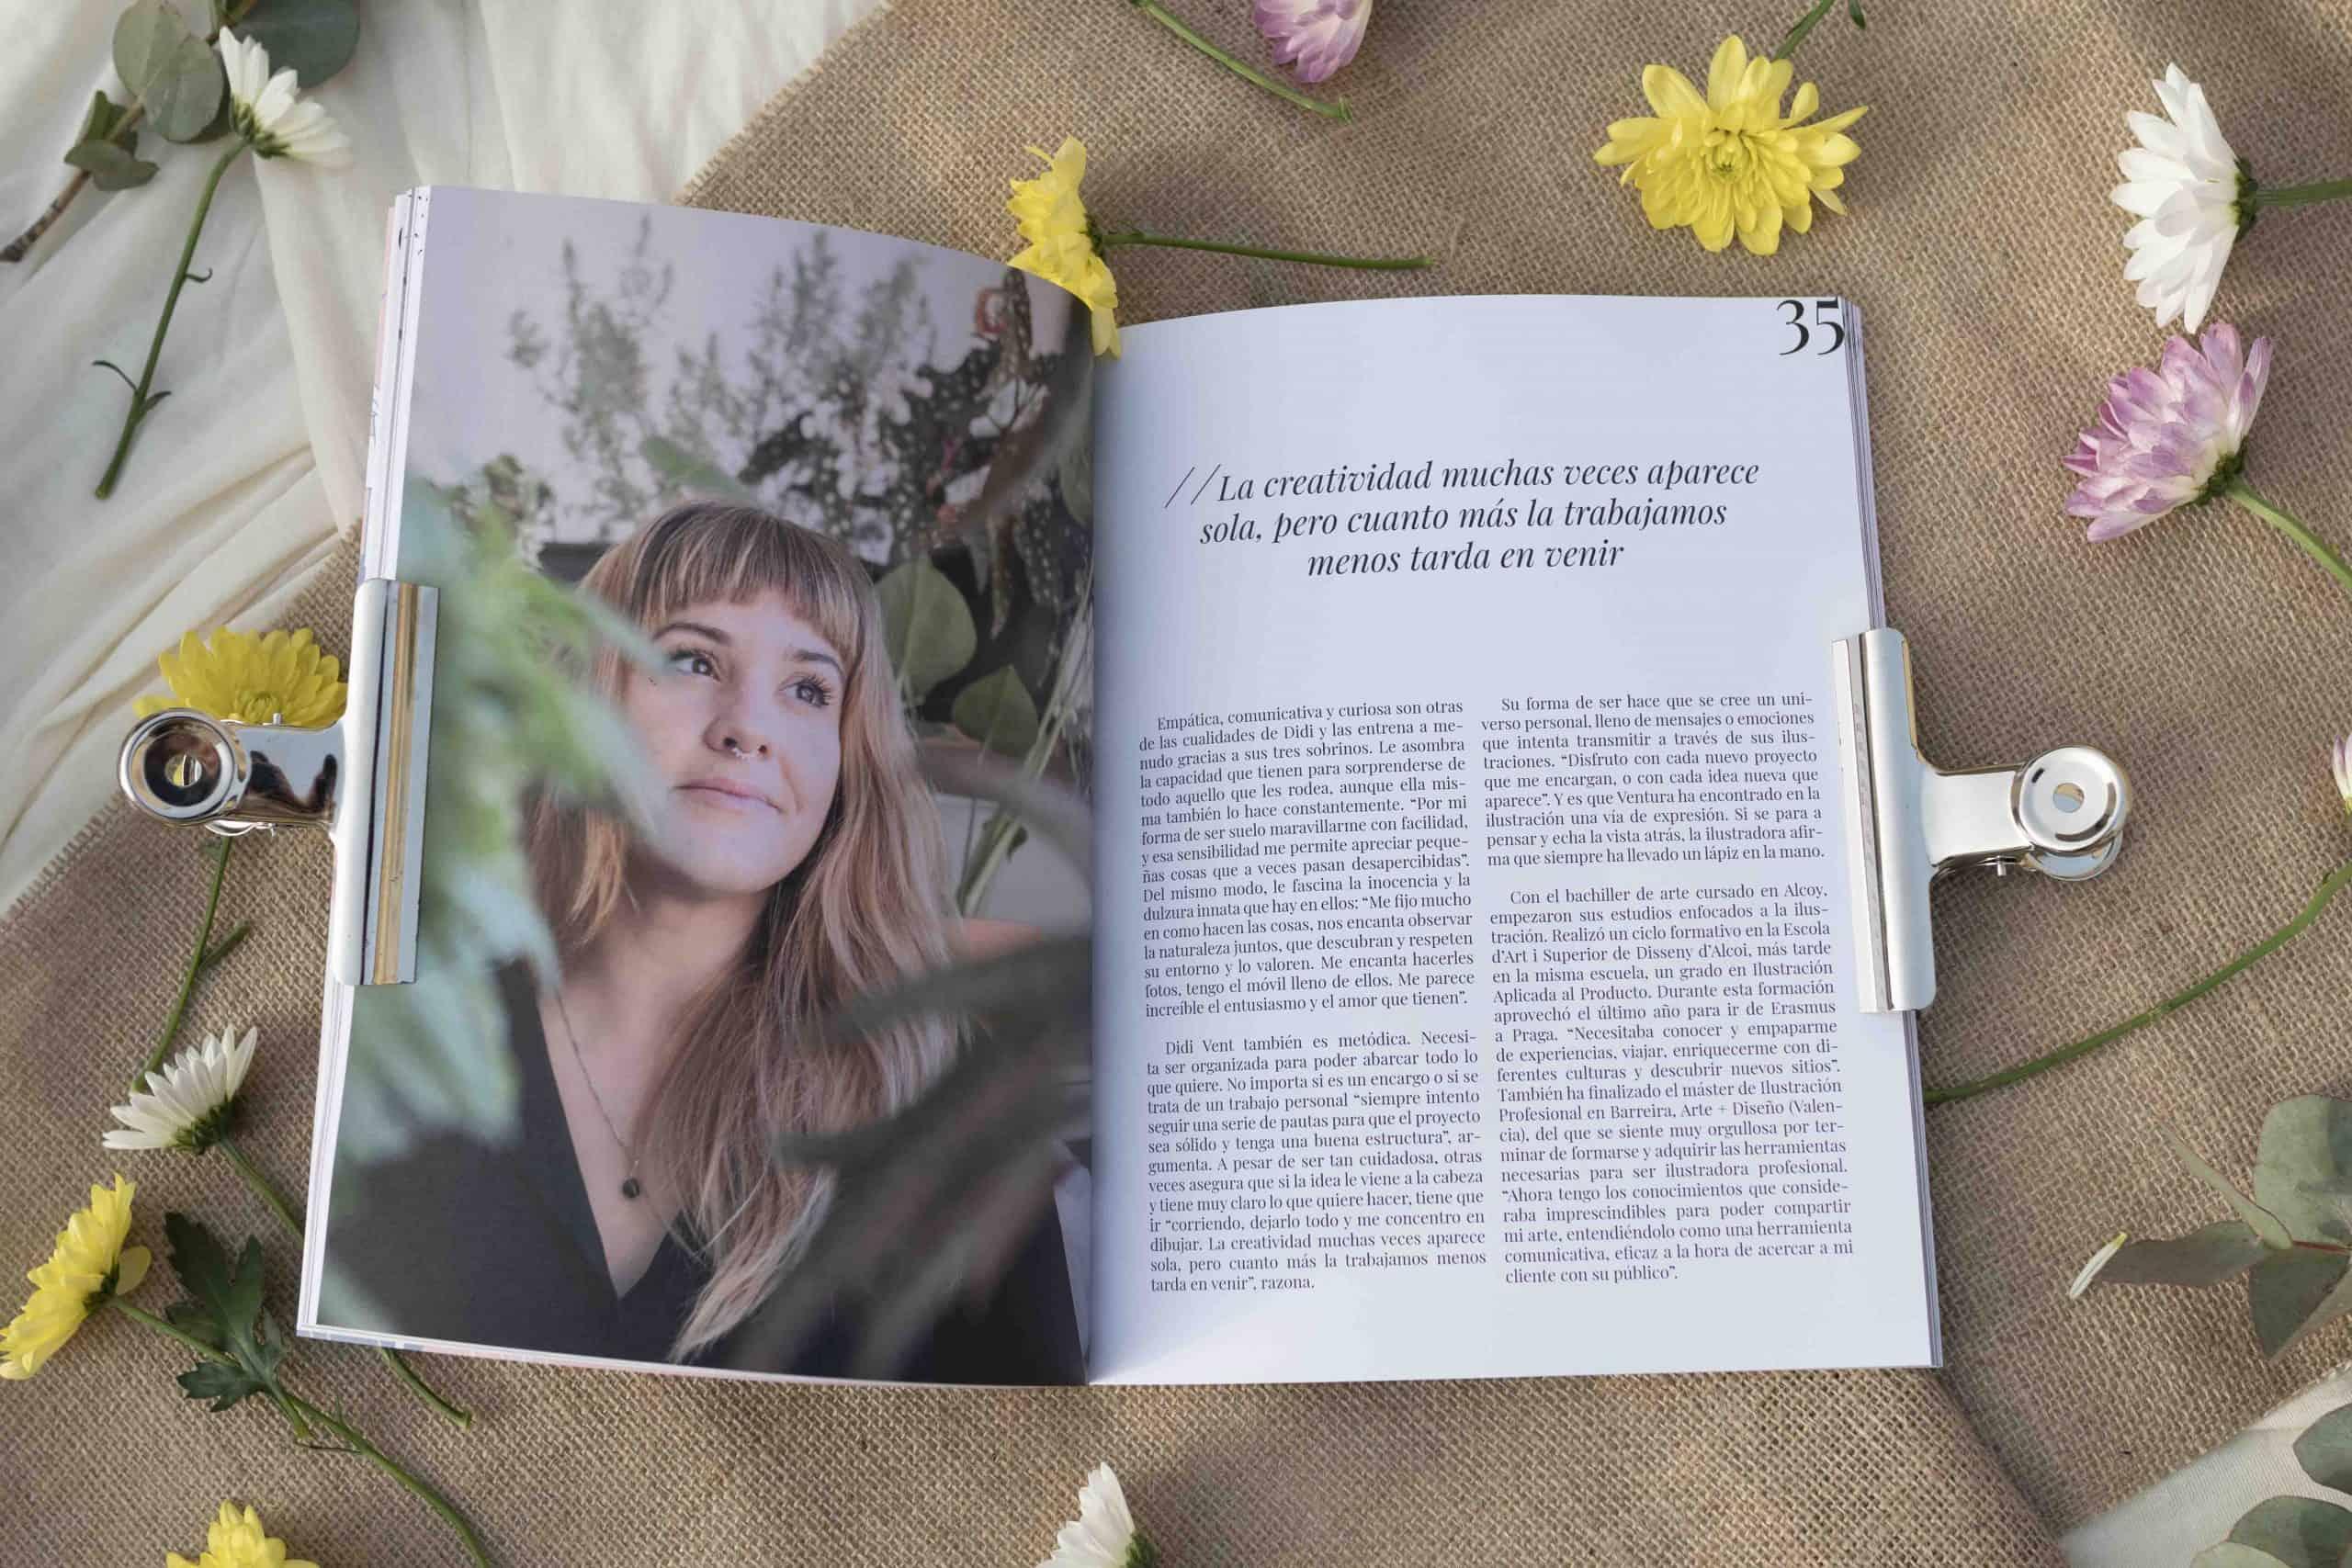 pagina interior de la revista mulier